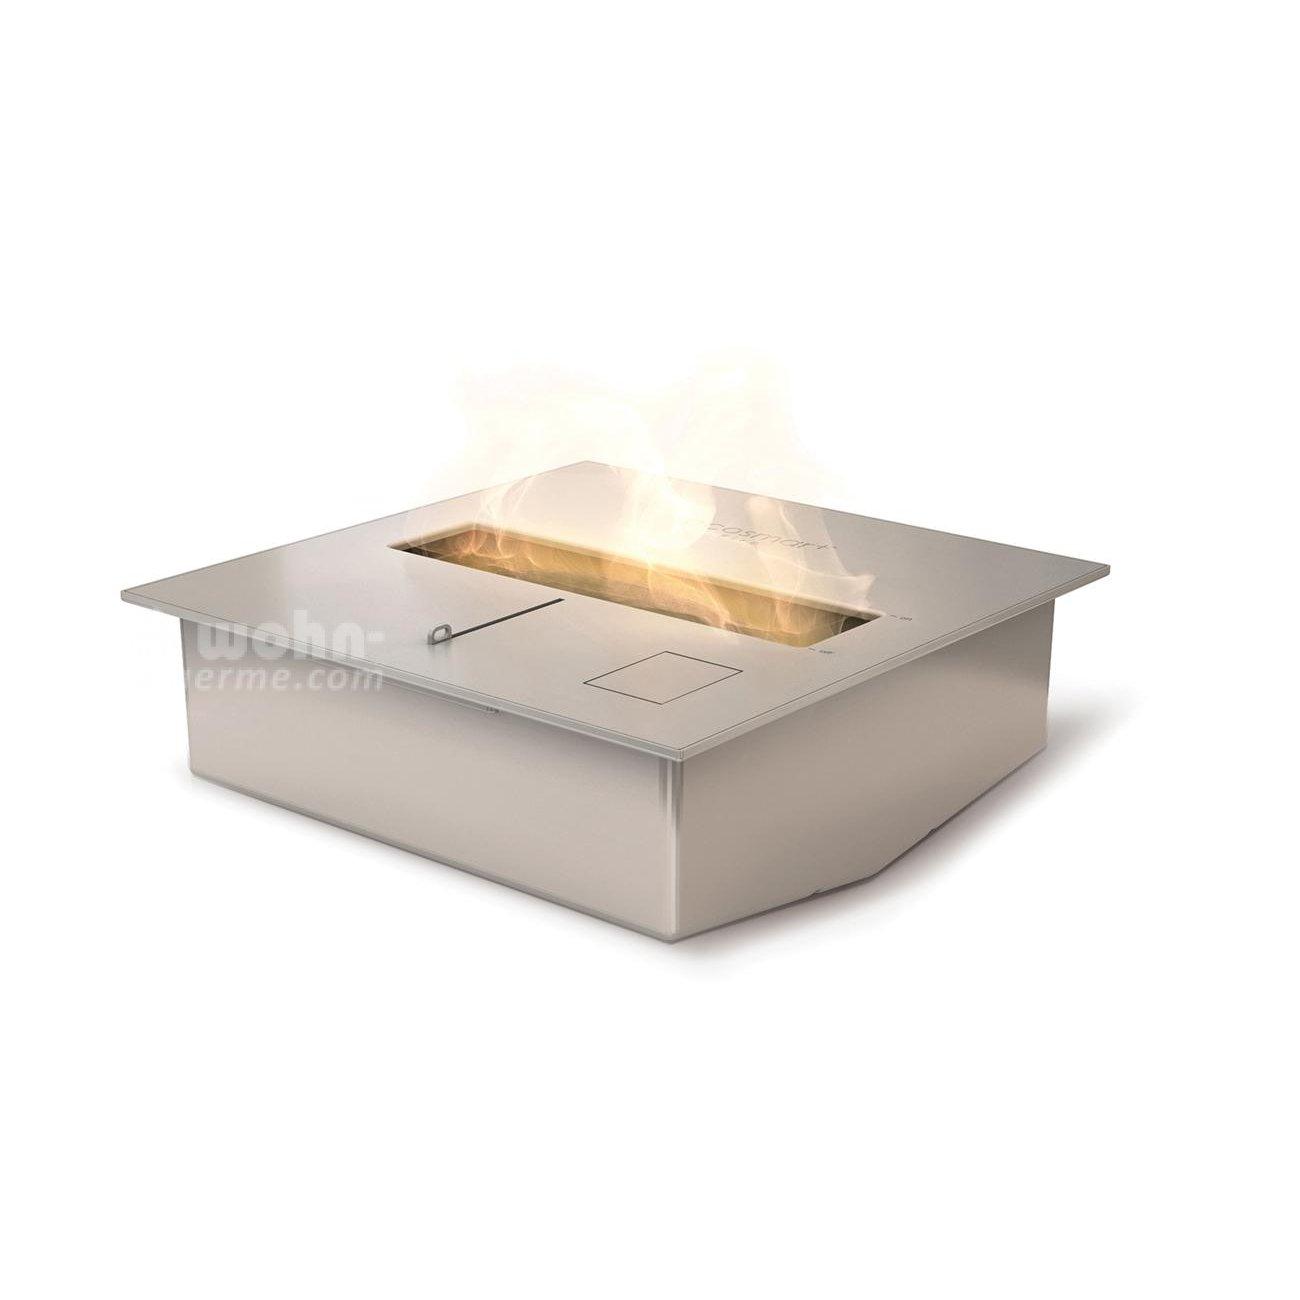 ecosmart eckiger ethanol brenner f r kamine bk serie. Black Bedroom Furniture Sets. Home Design Ideas